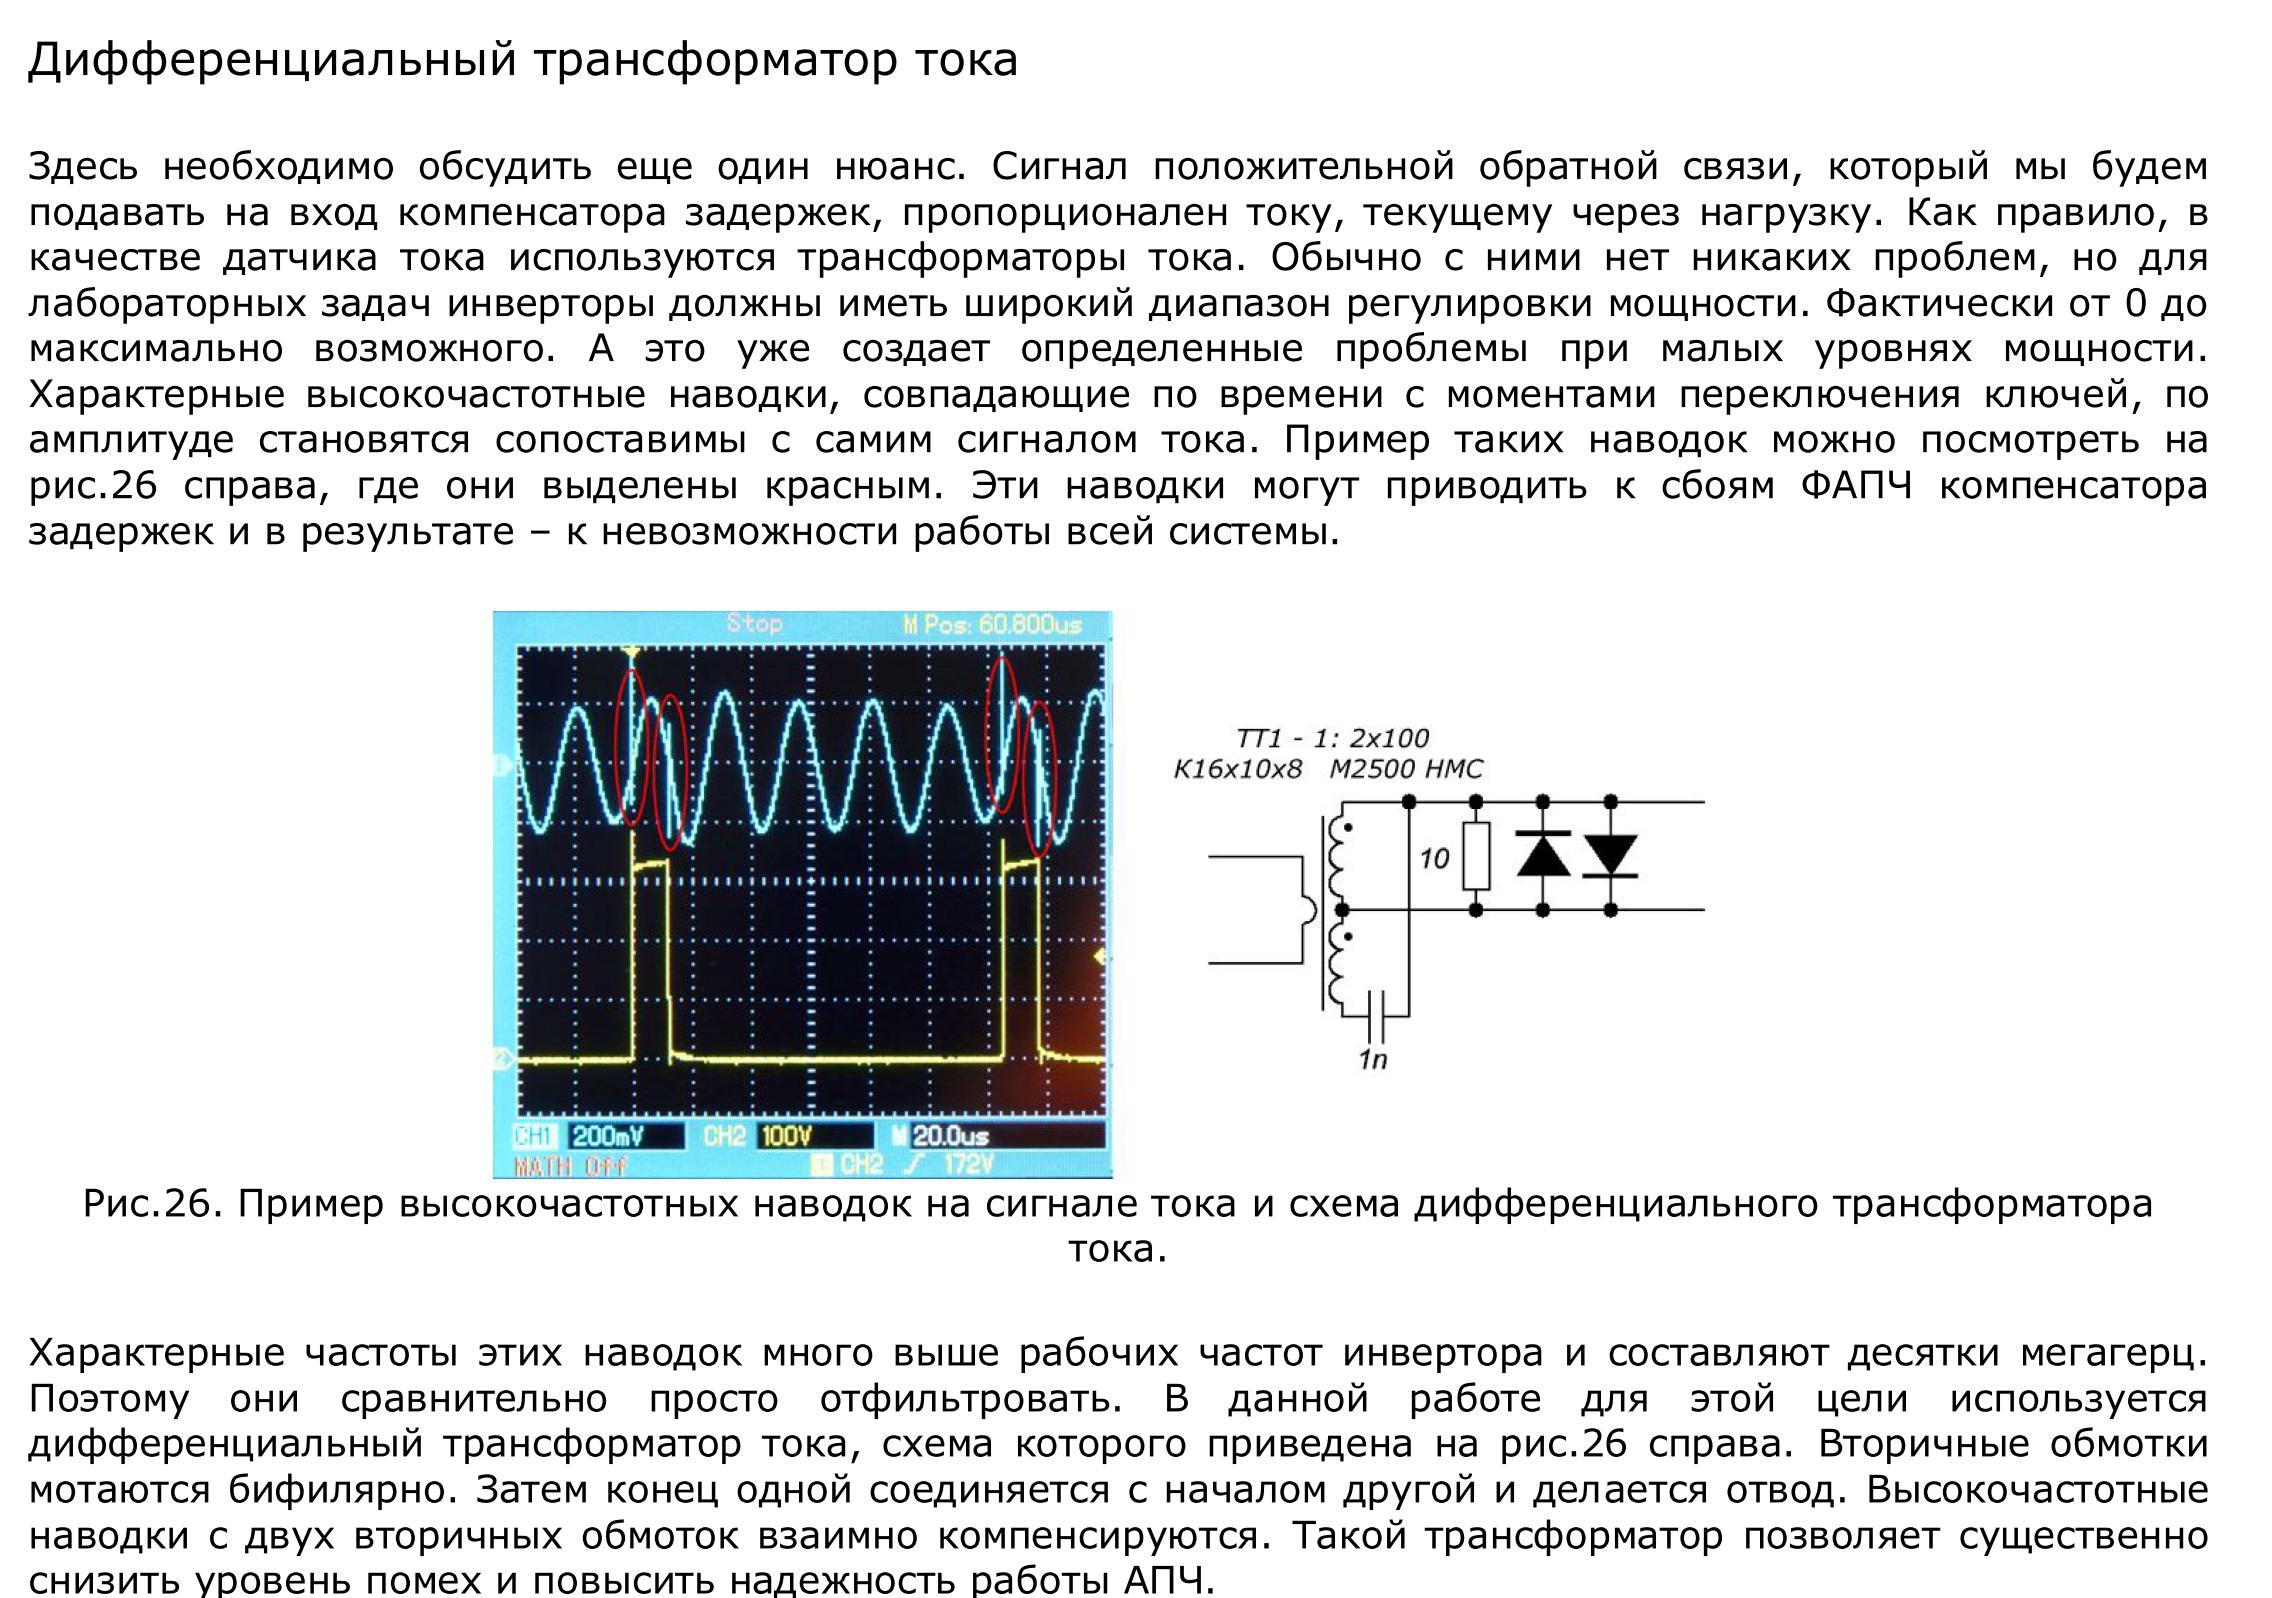 Дифференциальный трансформатор тока своими руками 18